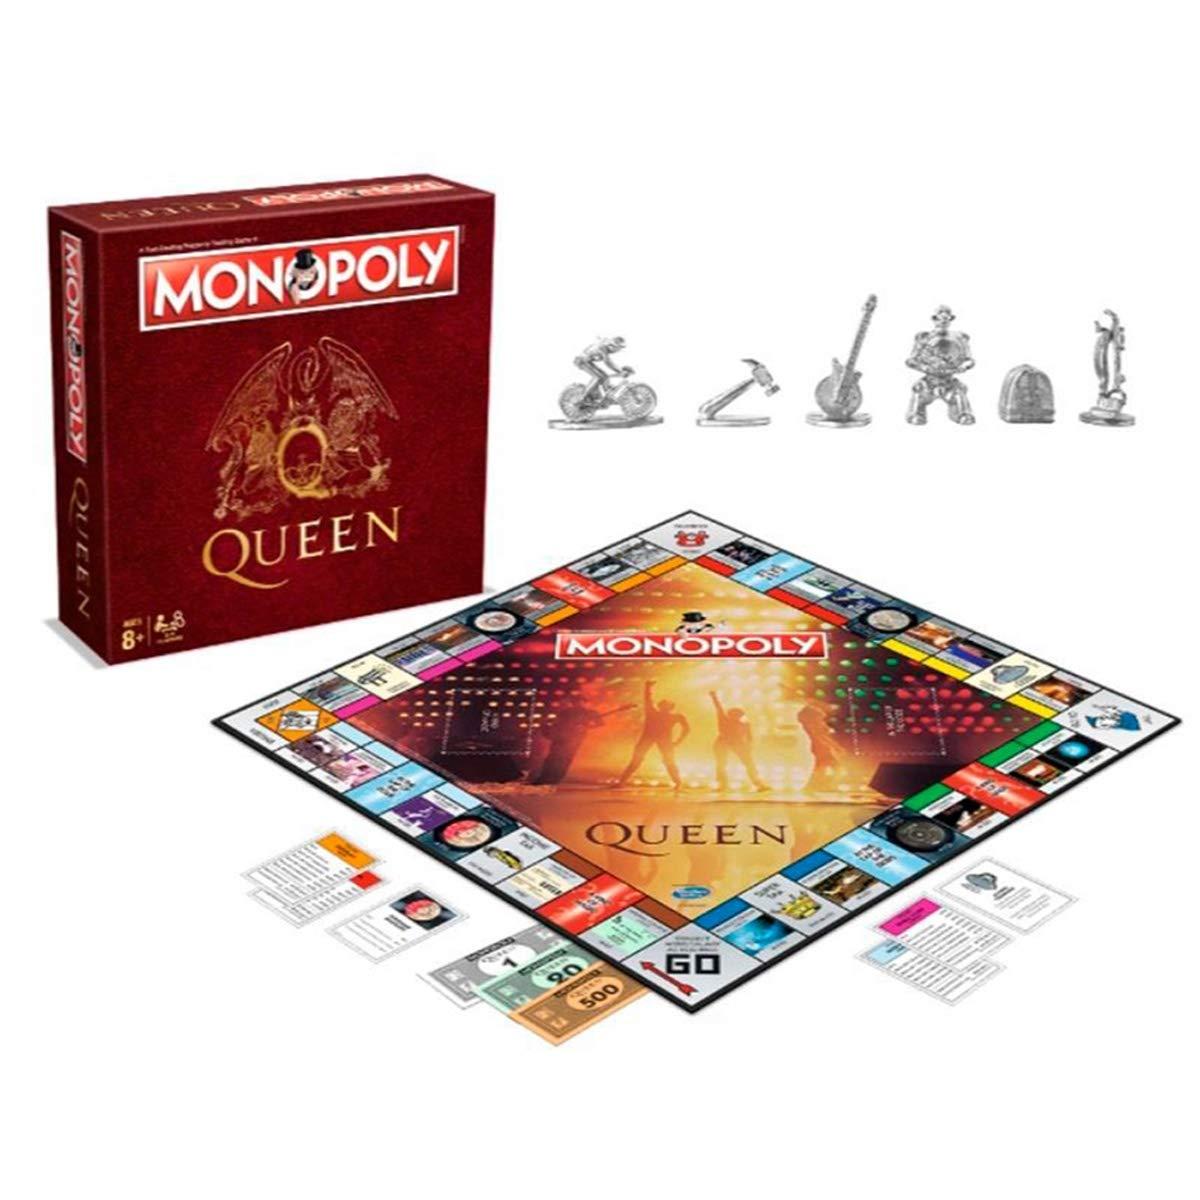 Monopoly - Oficial queen - merchandising música, Inglés: Amazon.es: Libros en idiomas extranjeros